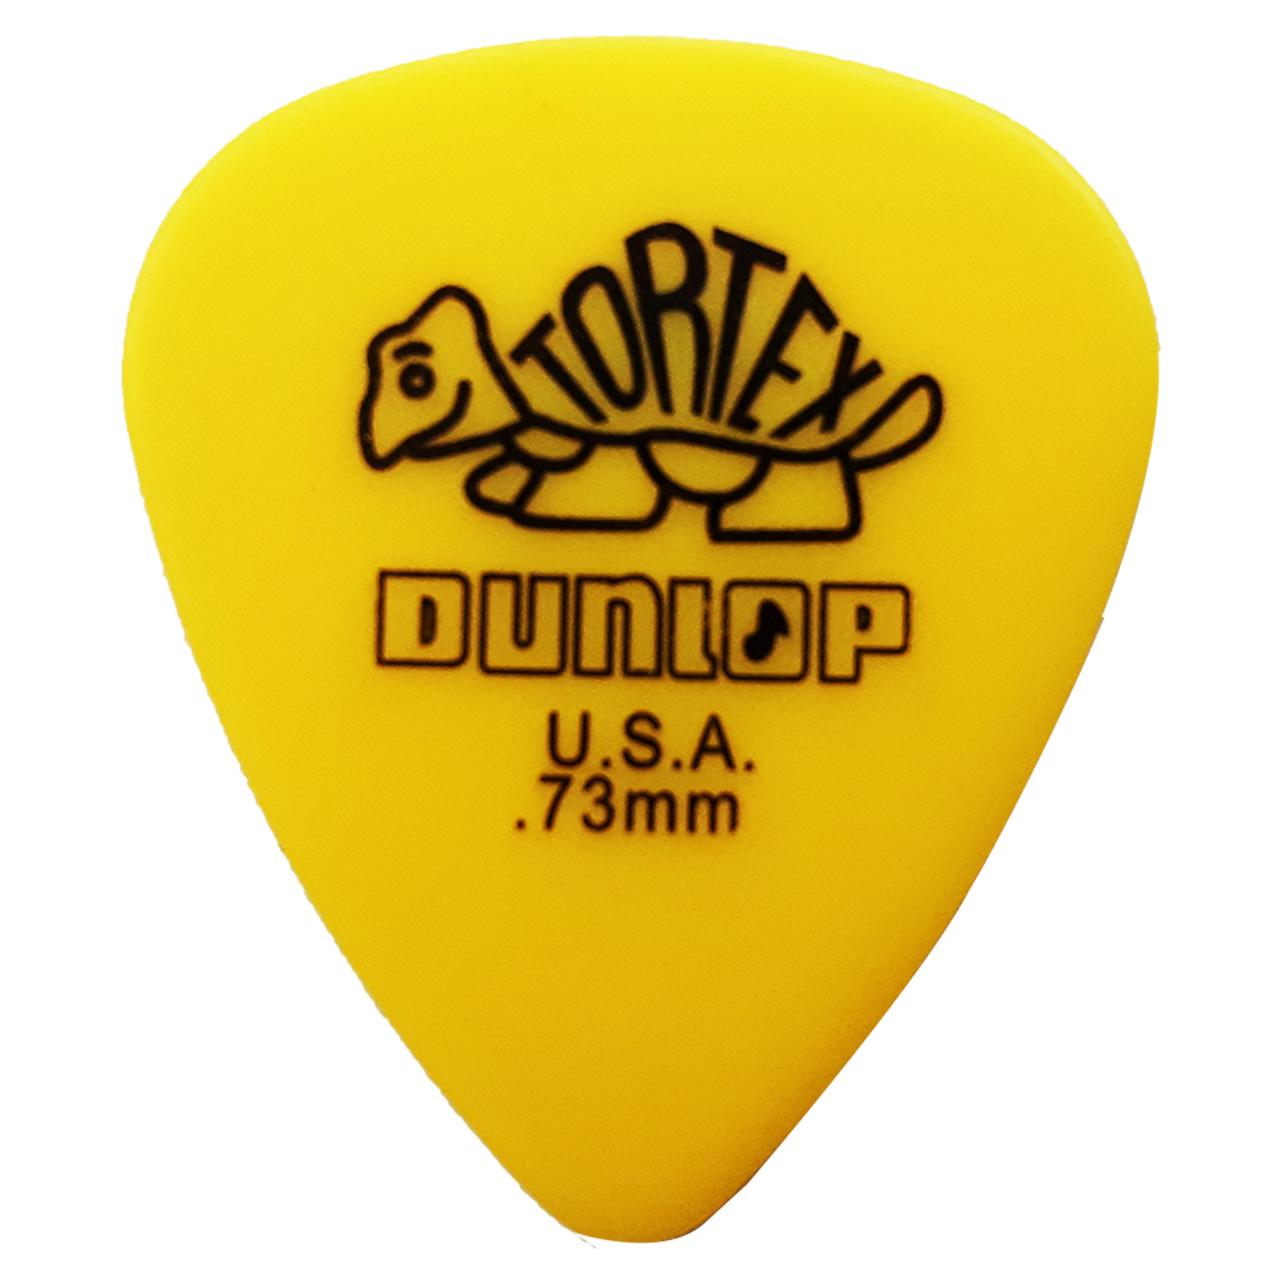 قیمت                      پیک گیتار دانلوپ مدل A5              ⭐️⭐️⭐️